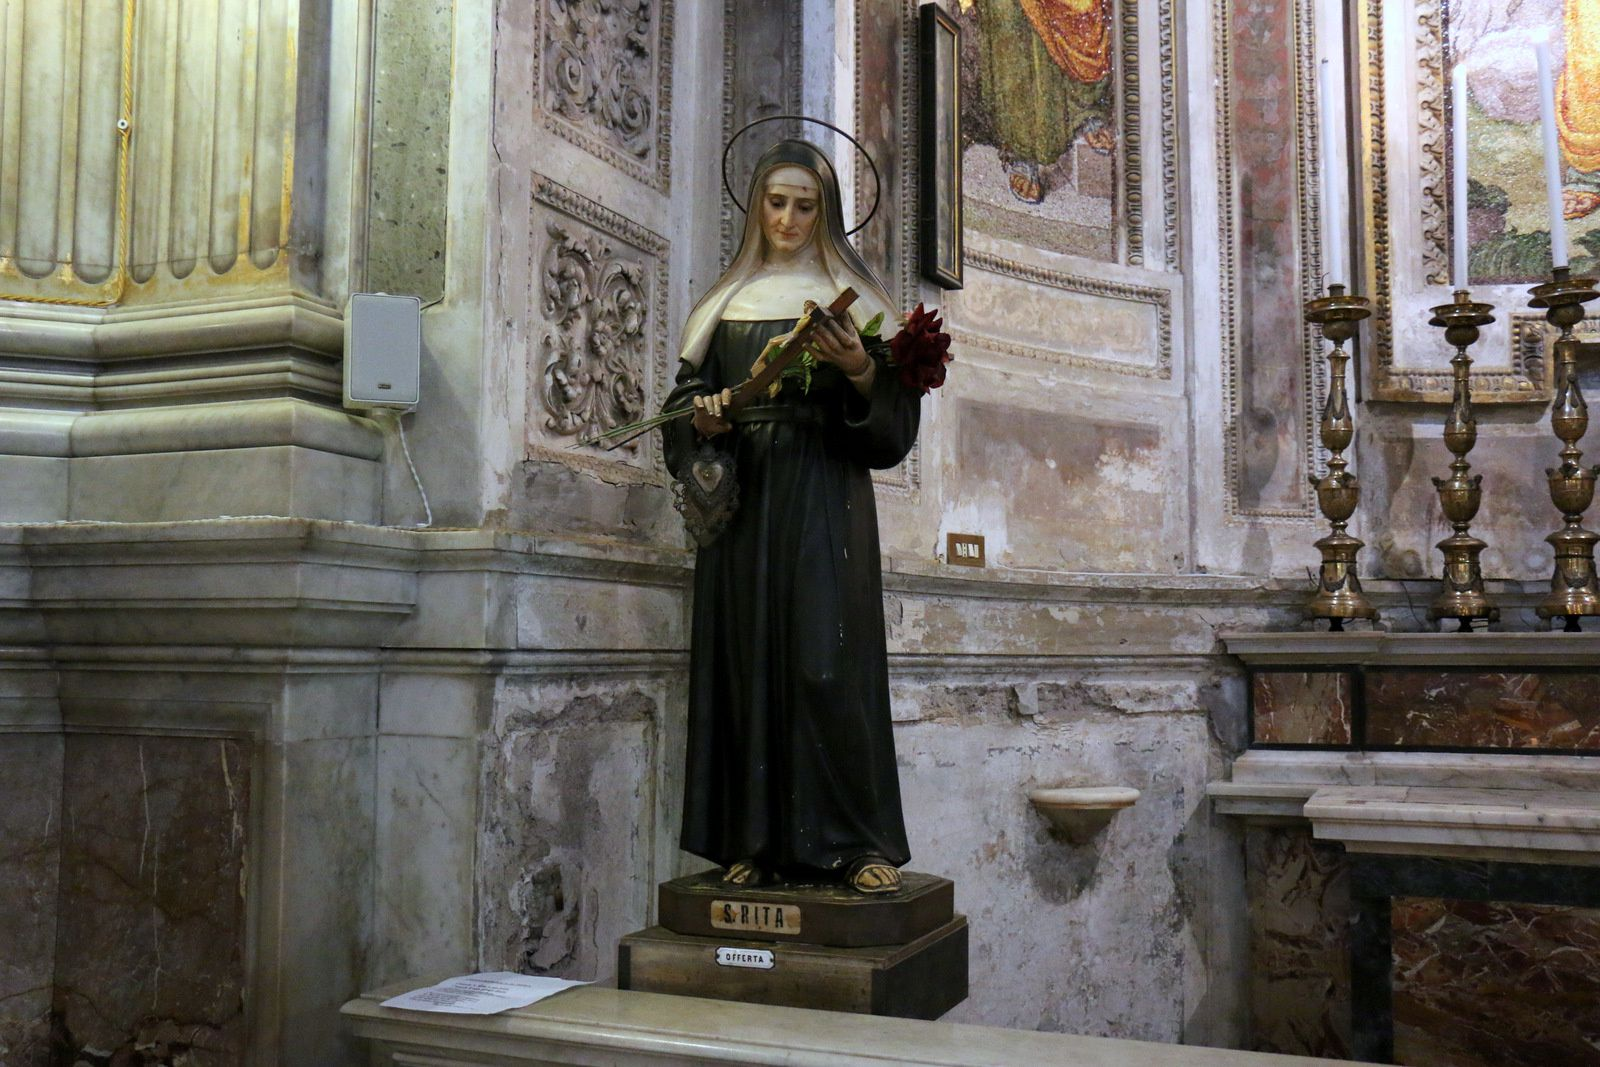 Eglise Madonna di Loreto (2/2), Rome